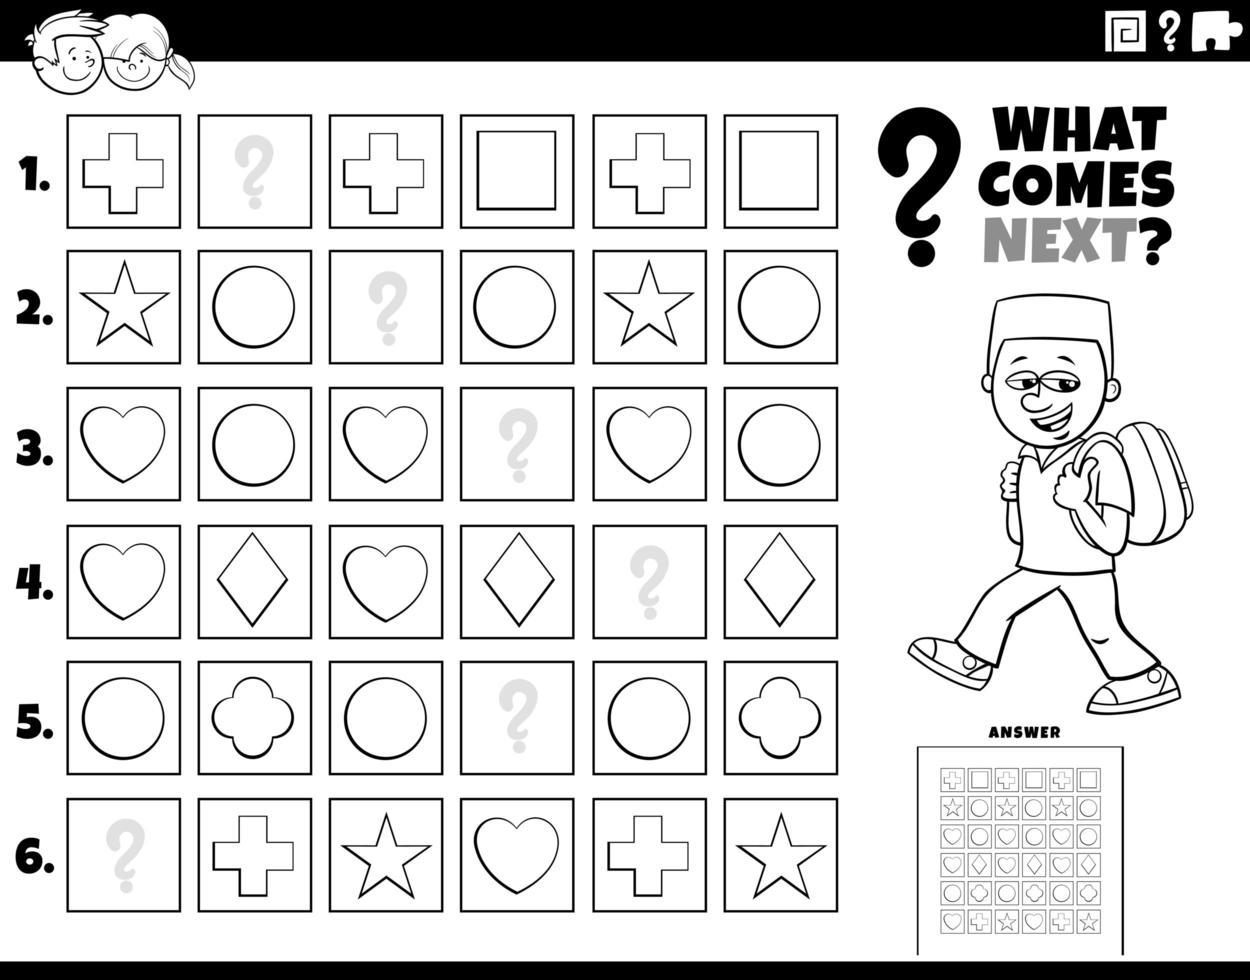 vul de patroontaak voor kinderen kleurboek pagina vector